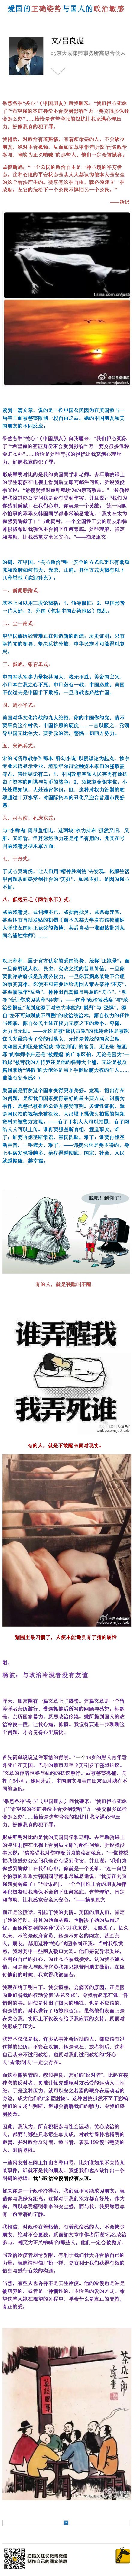 吕良彪:国人的政治敏锐与爱国的正确姿势